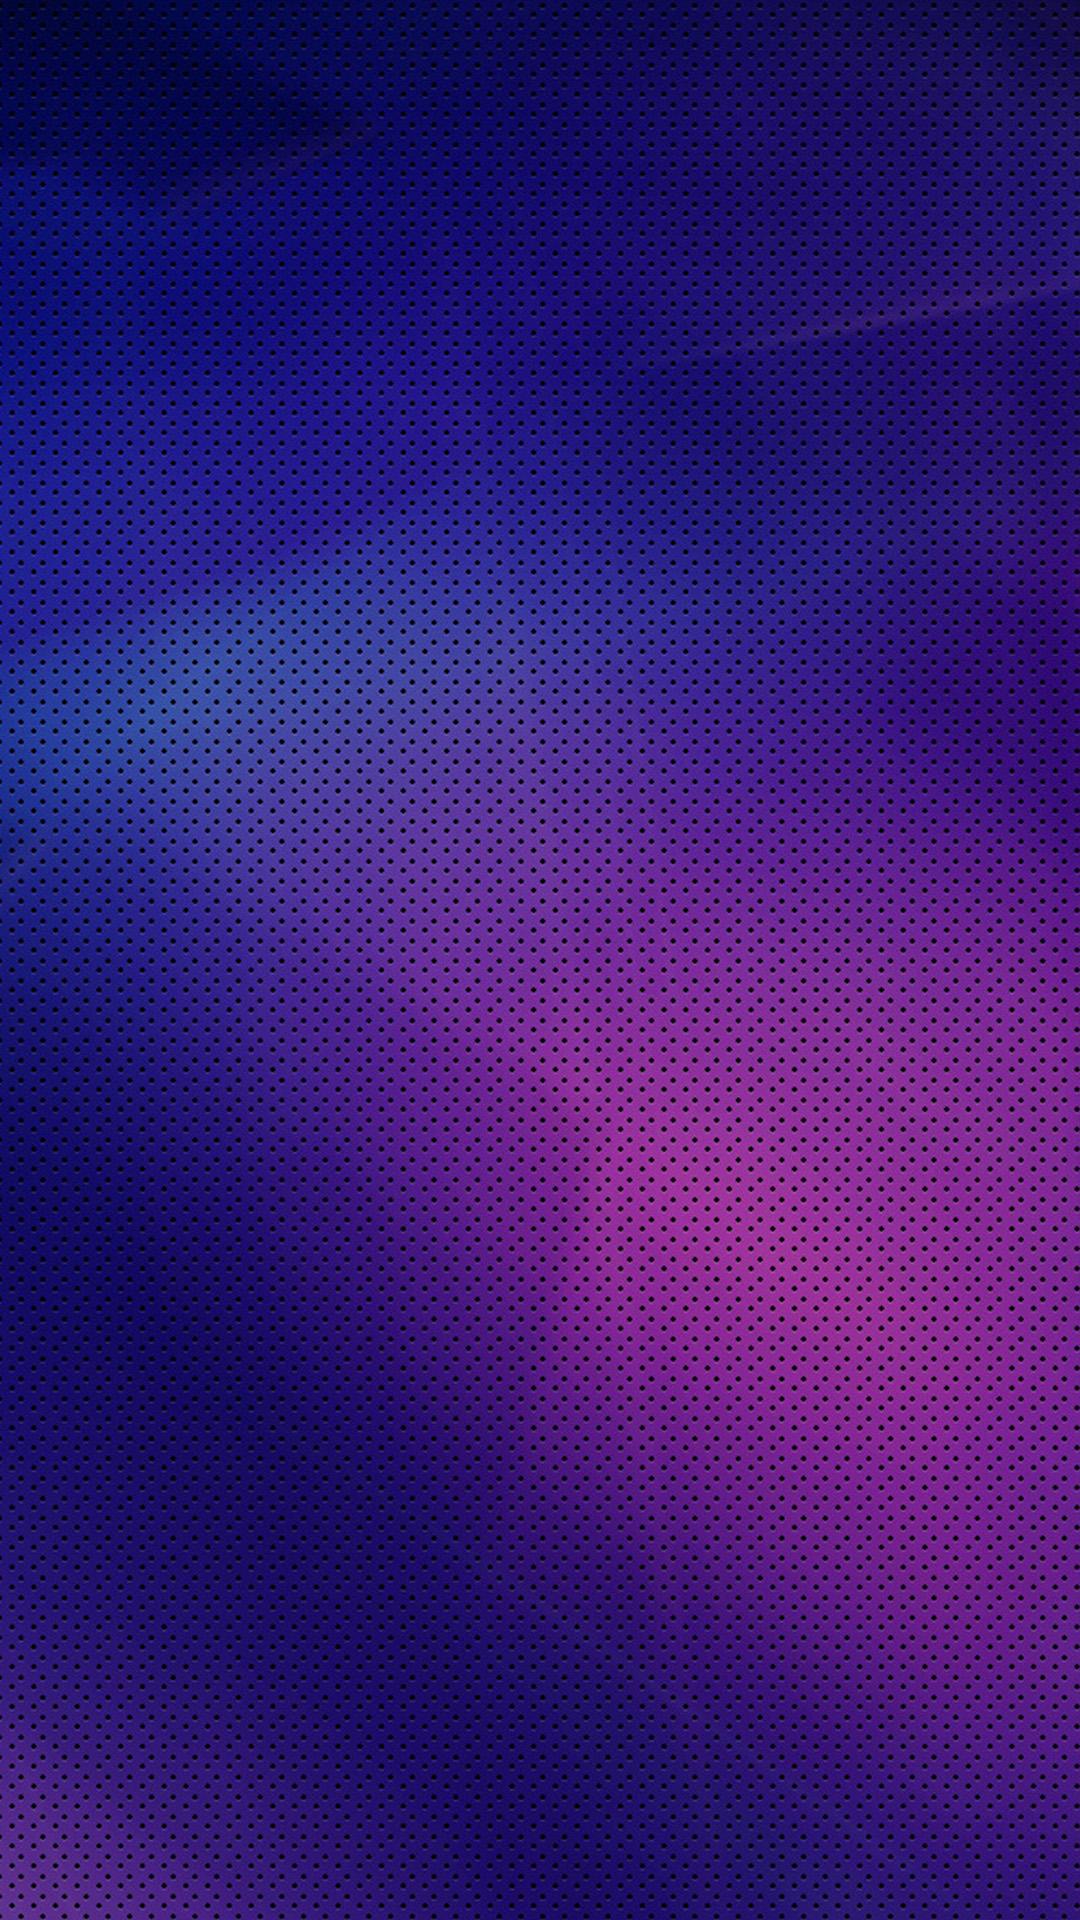 Blue mauve texture